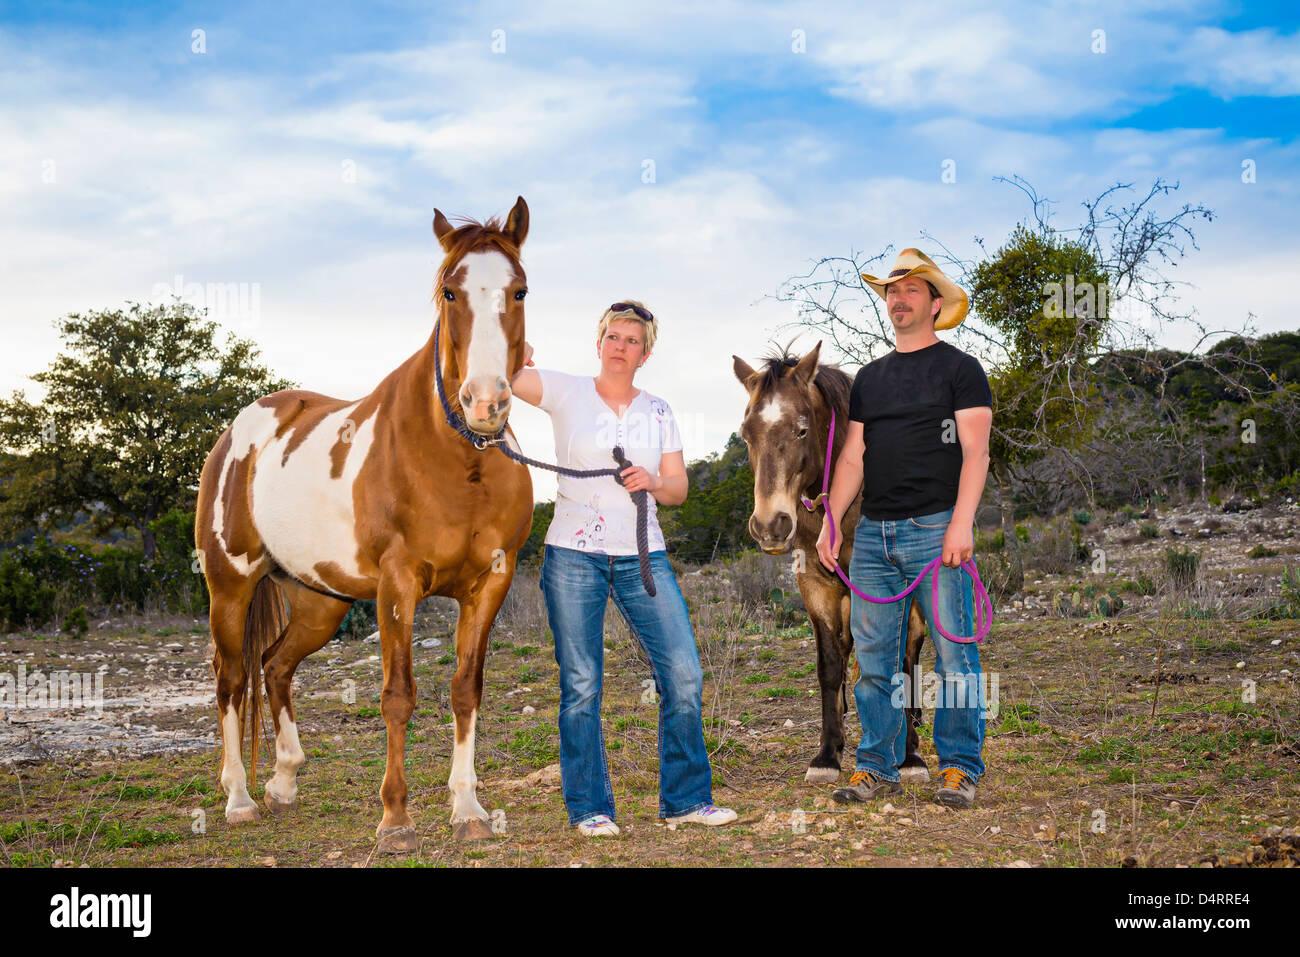 D'âge mûr avec des chevaux, 50 hommes de race blanche, 45 femmes de race blanche, Texas, États-Unis Banque D'Images